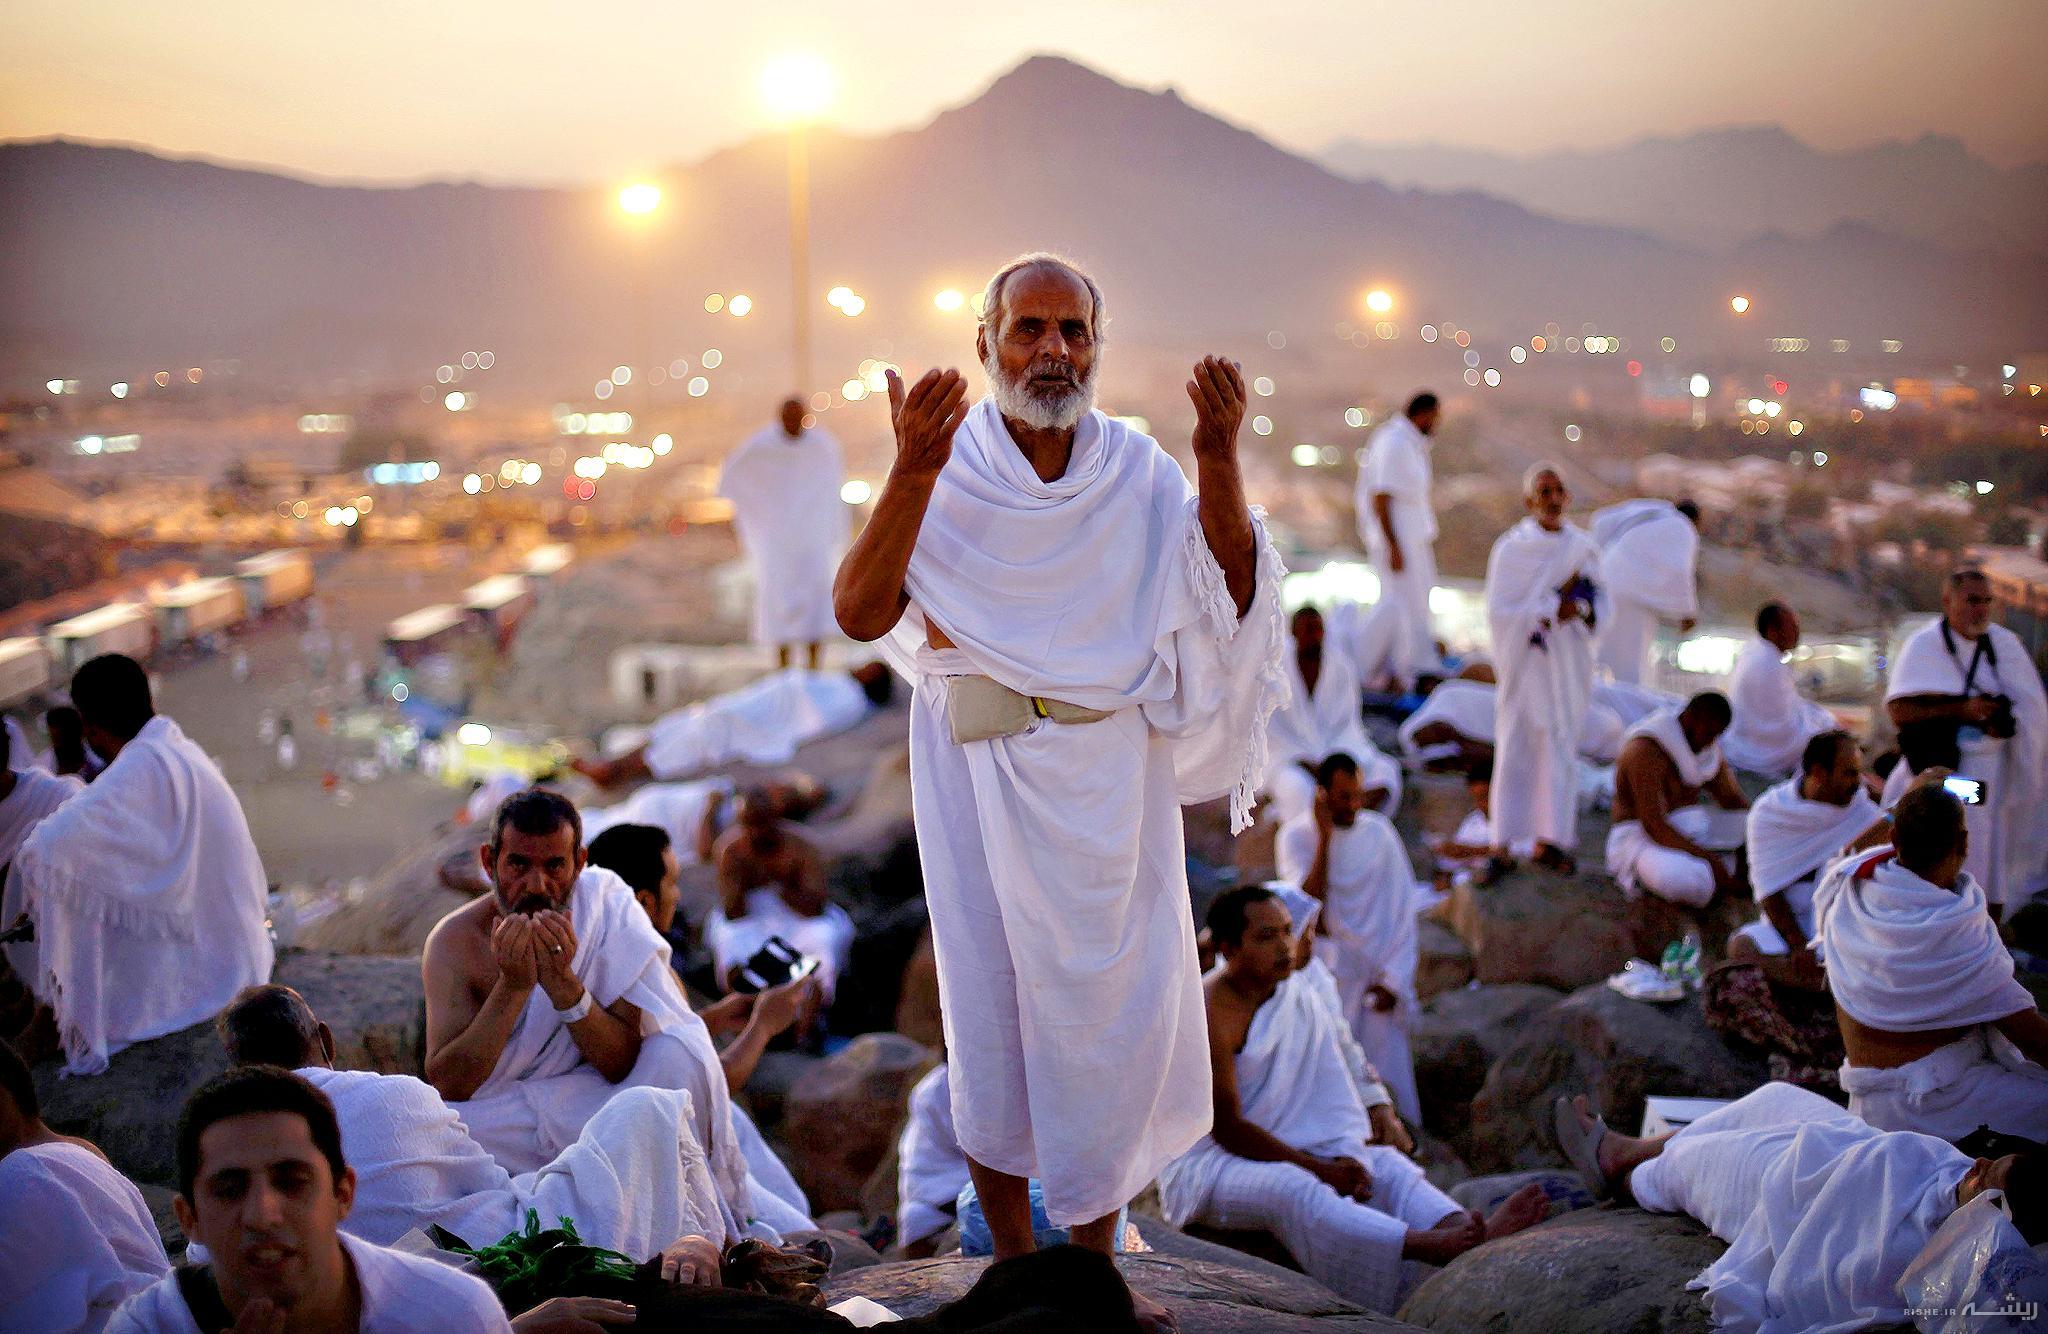 روز عرفه چه روزی است؟ / فضیلت شب عرفه برابر صدو هفتاد سال عبادت است